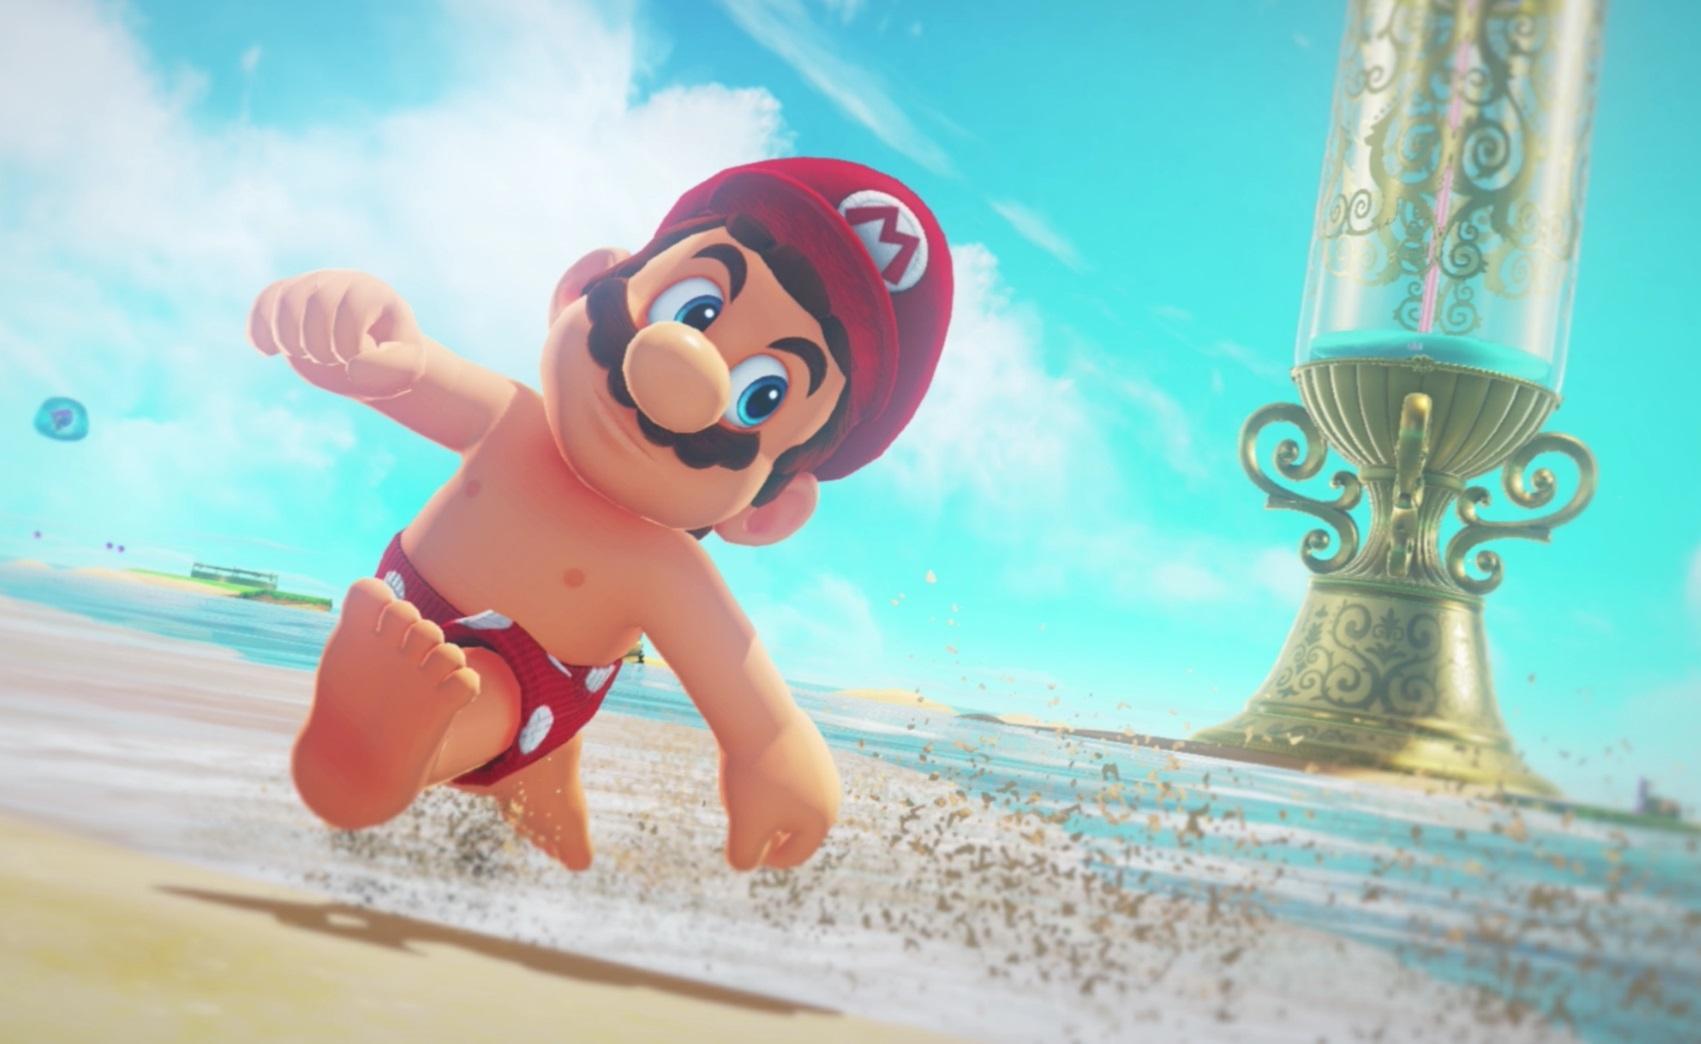 Super Mario Odyssey, análisis: la magia y la creatividad se juntan en una odisea inolvidable 7